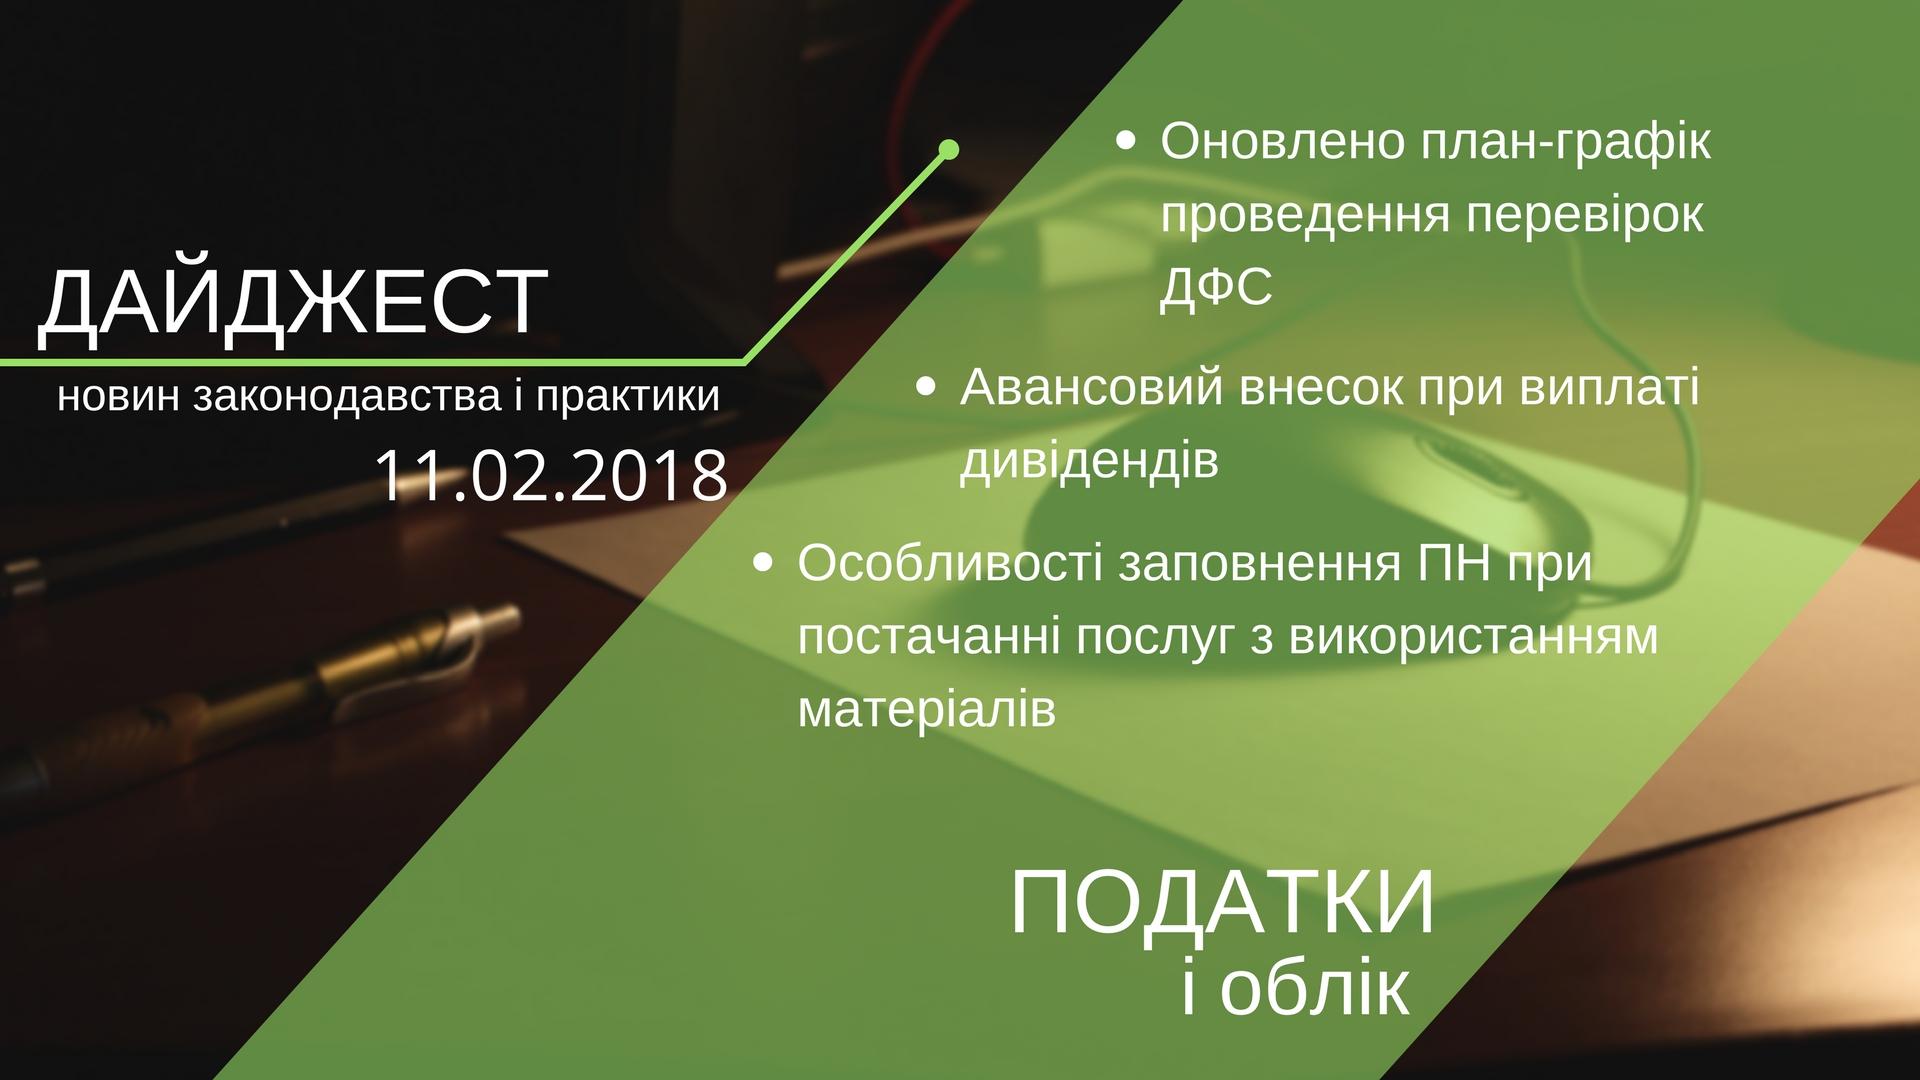 """Дайджест нoвин """"Податки і облік"""" з 05.02.2018 пo 11.02.2018"""